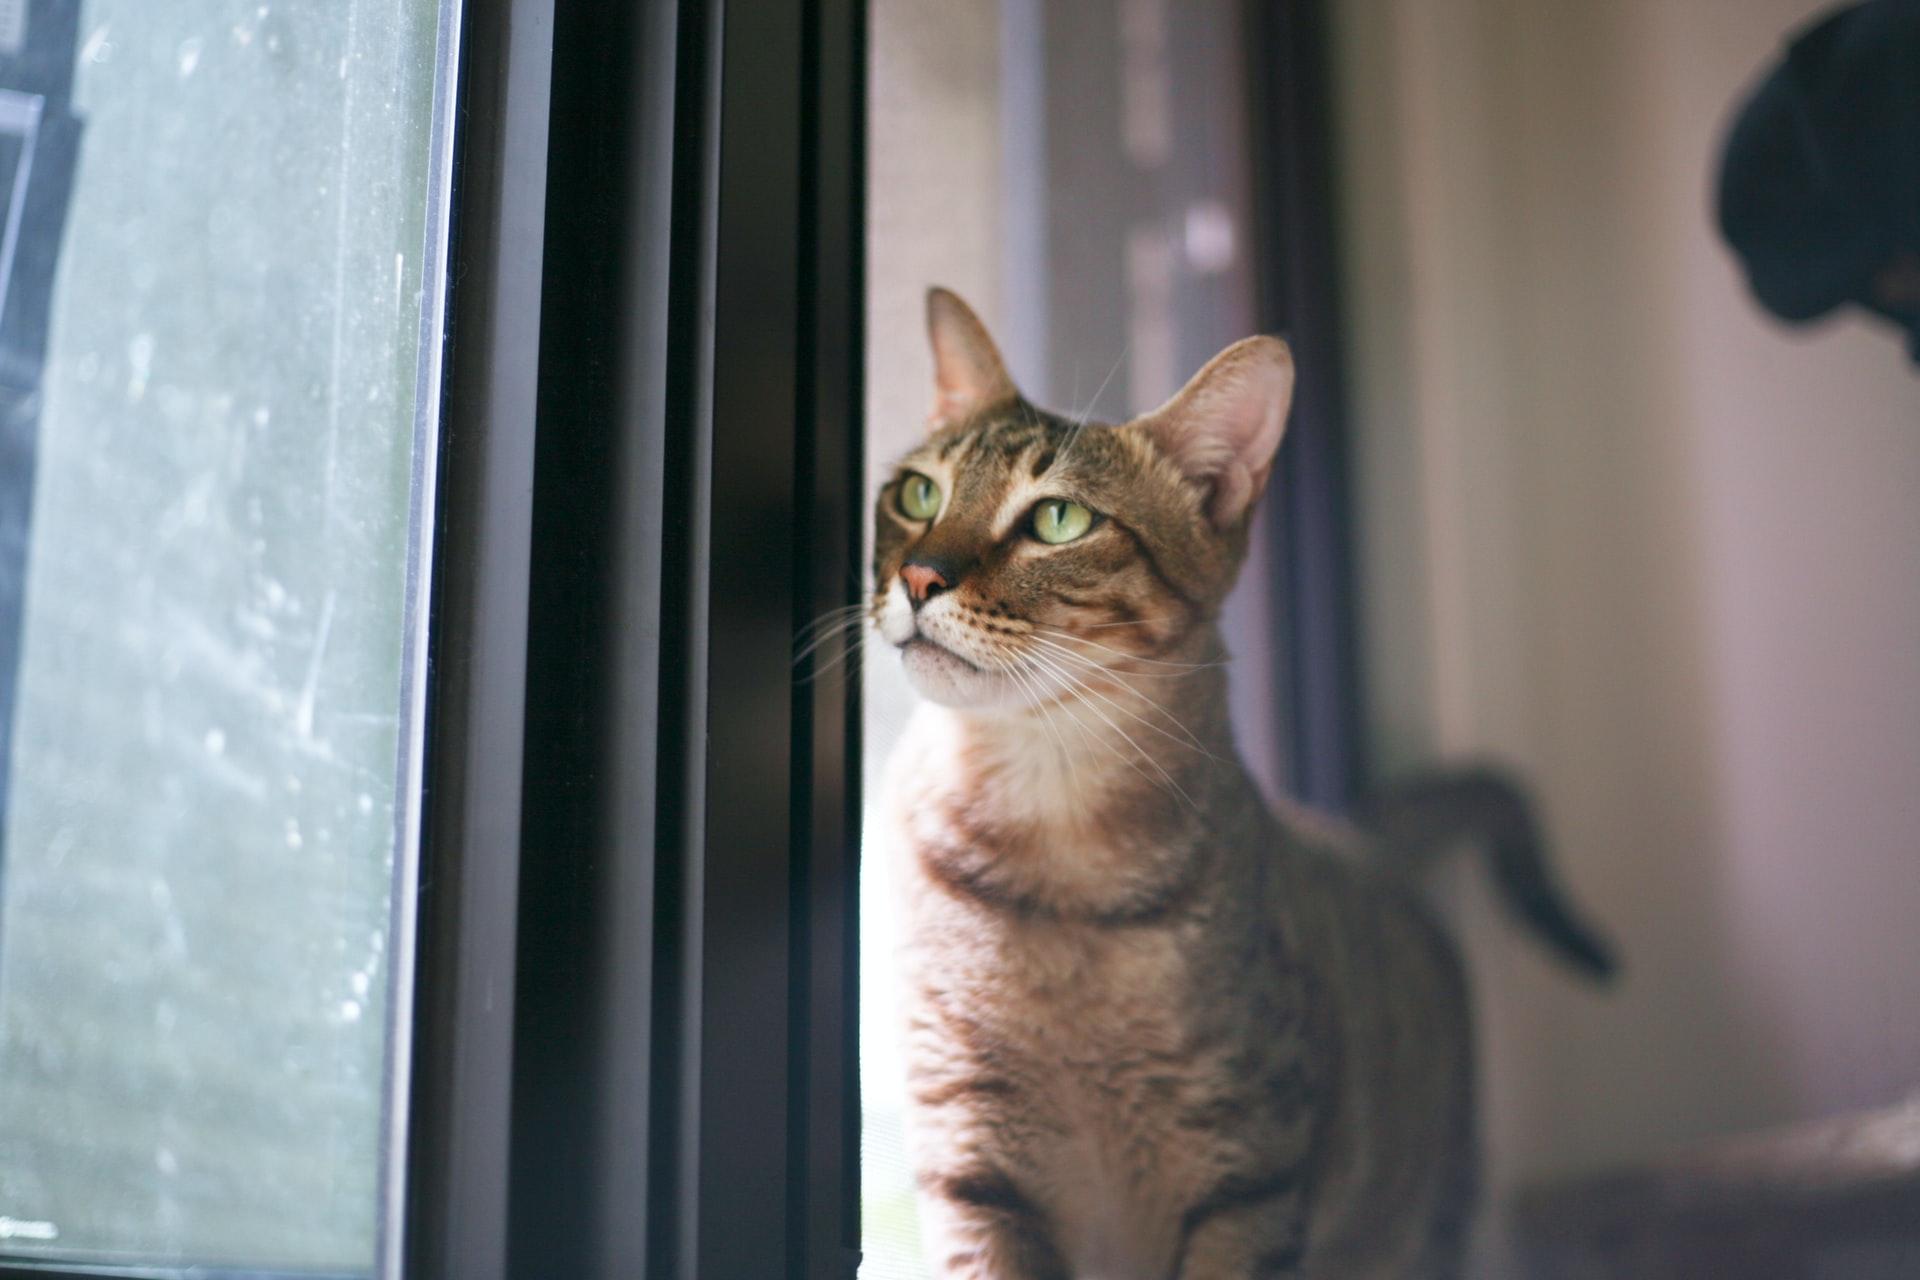 Evde Kedi Bakımı Nasıl Yapılır? Kediye Ev Yemeği Verilir mi?